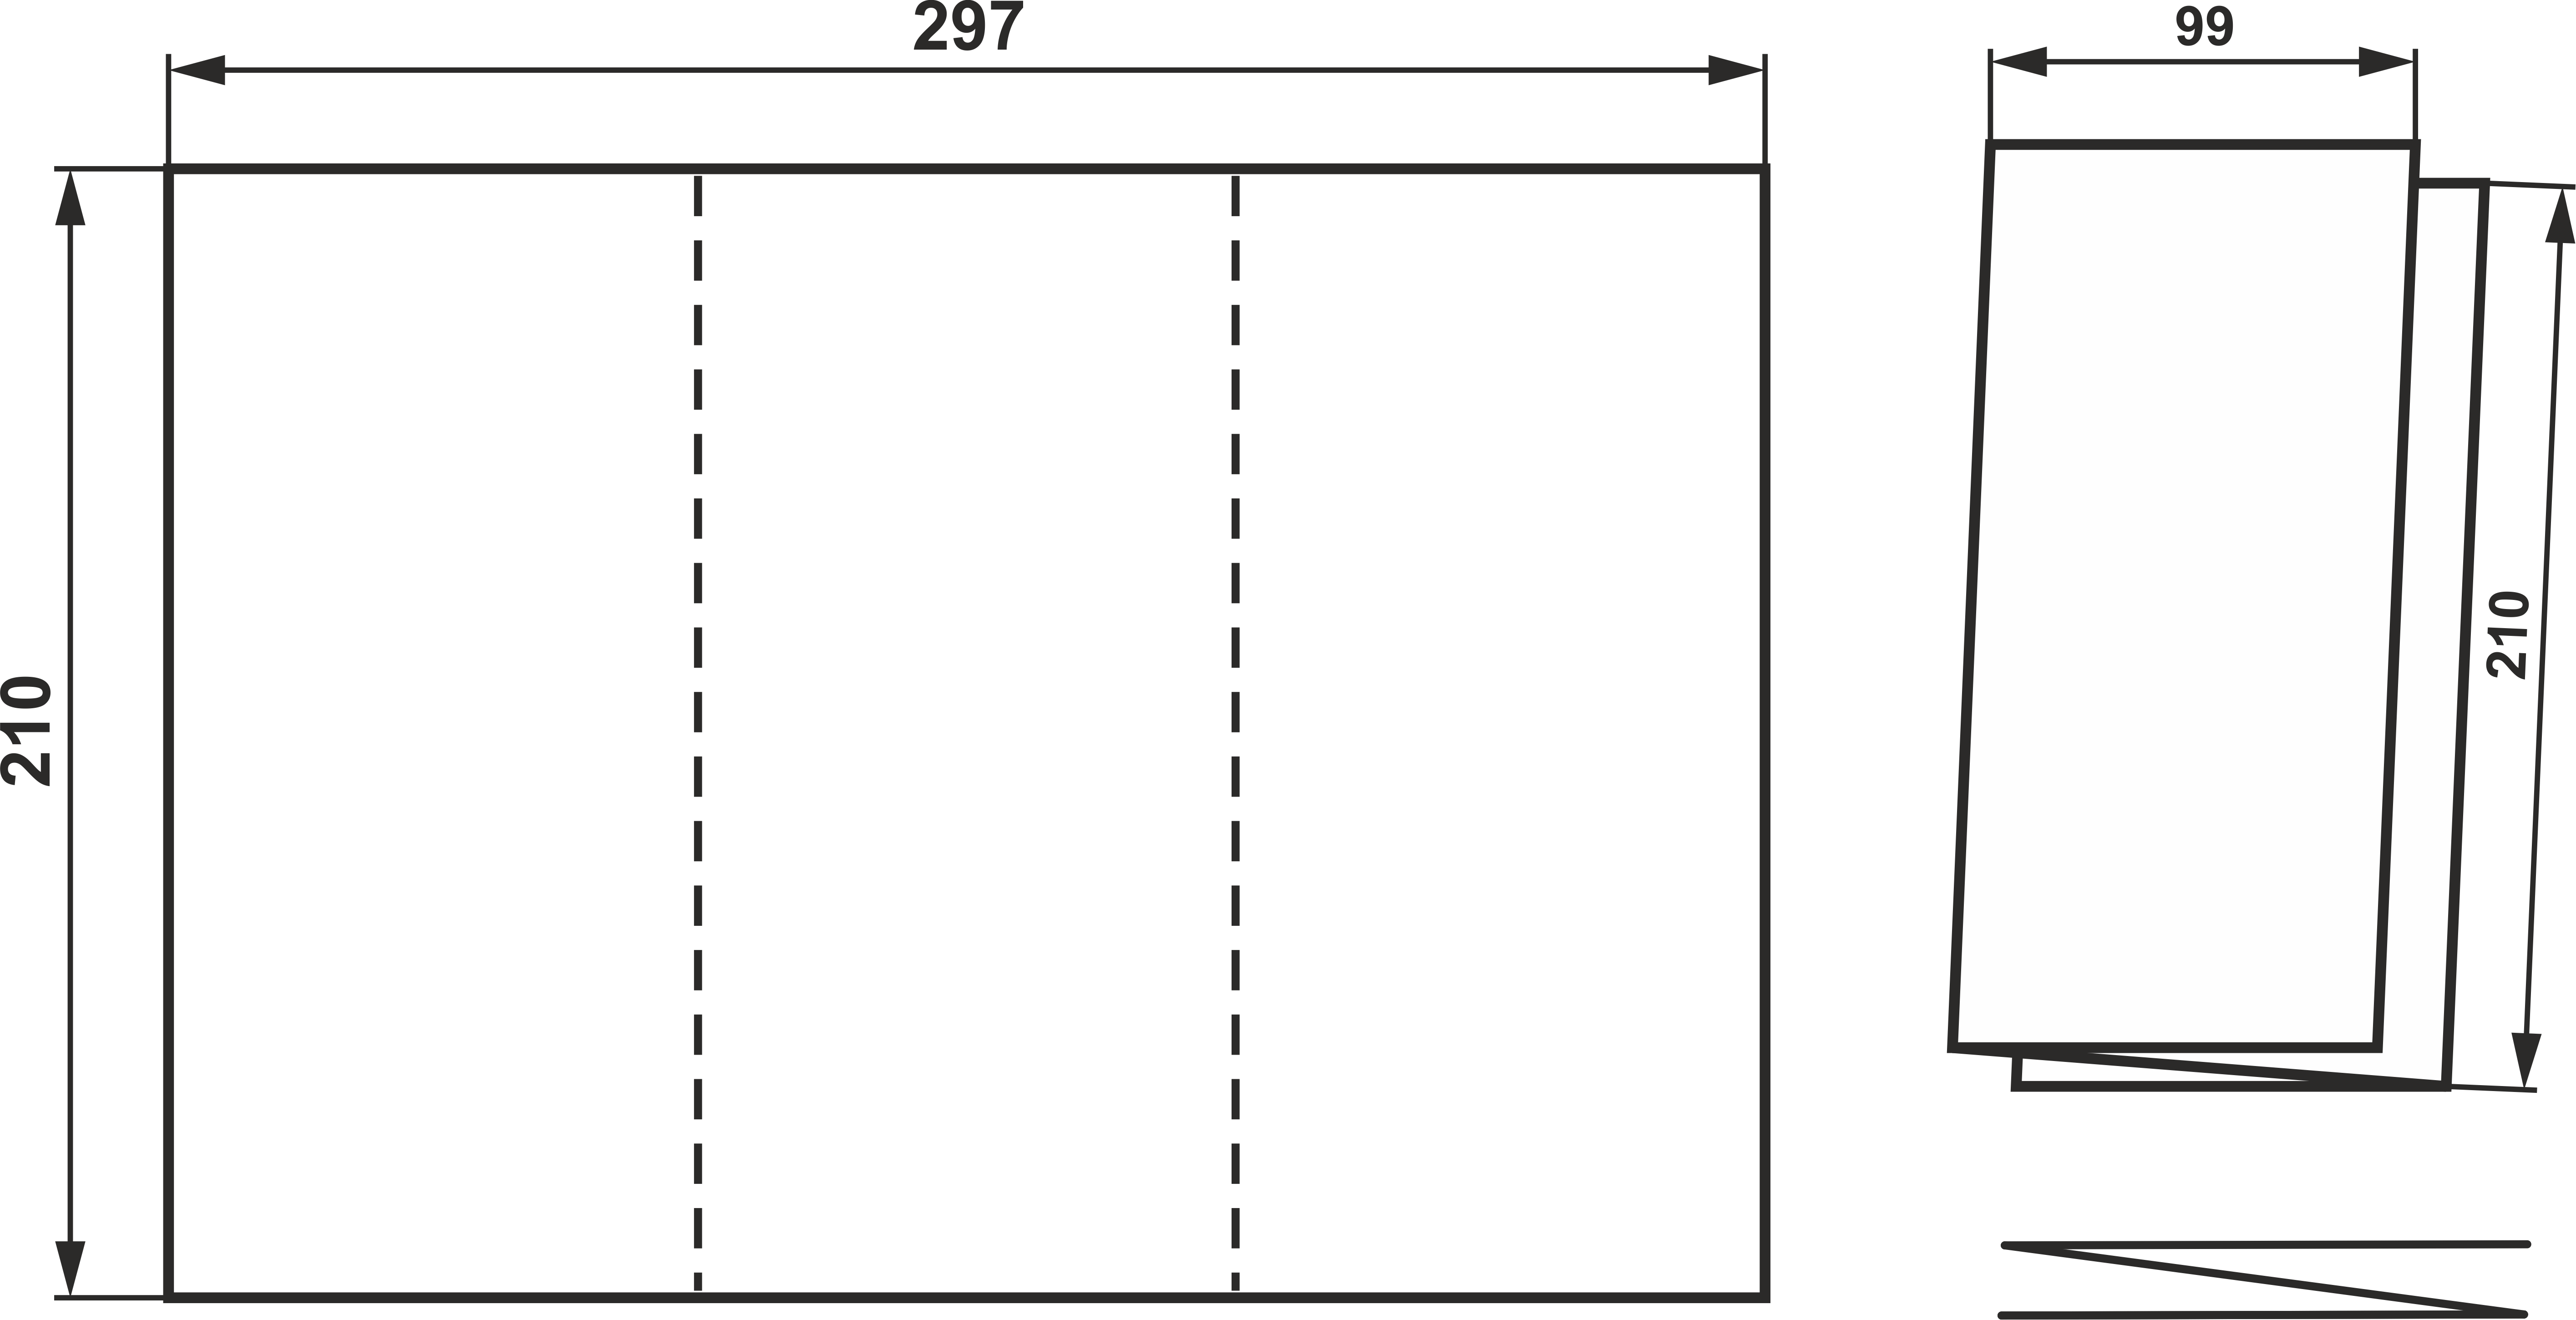 Буклеты с разными видами фальца - малые тиражи